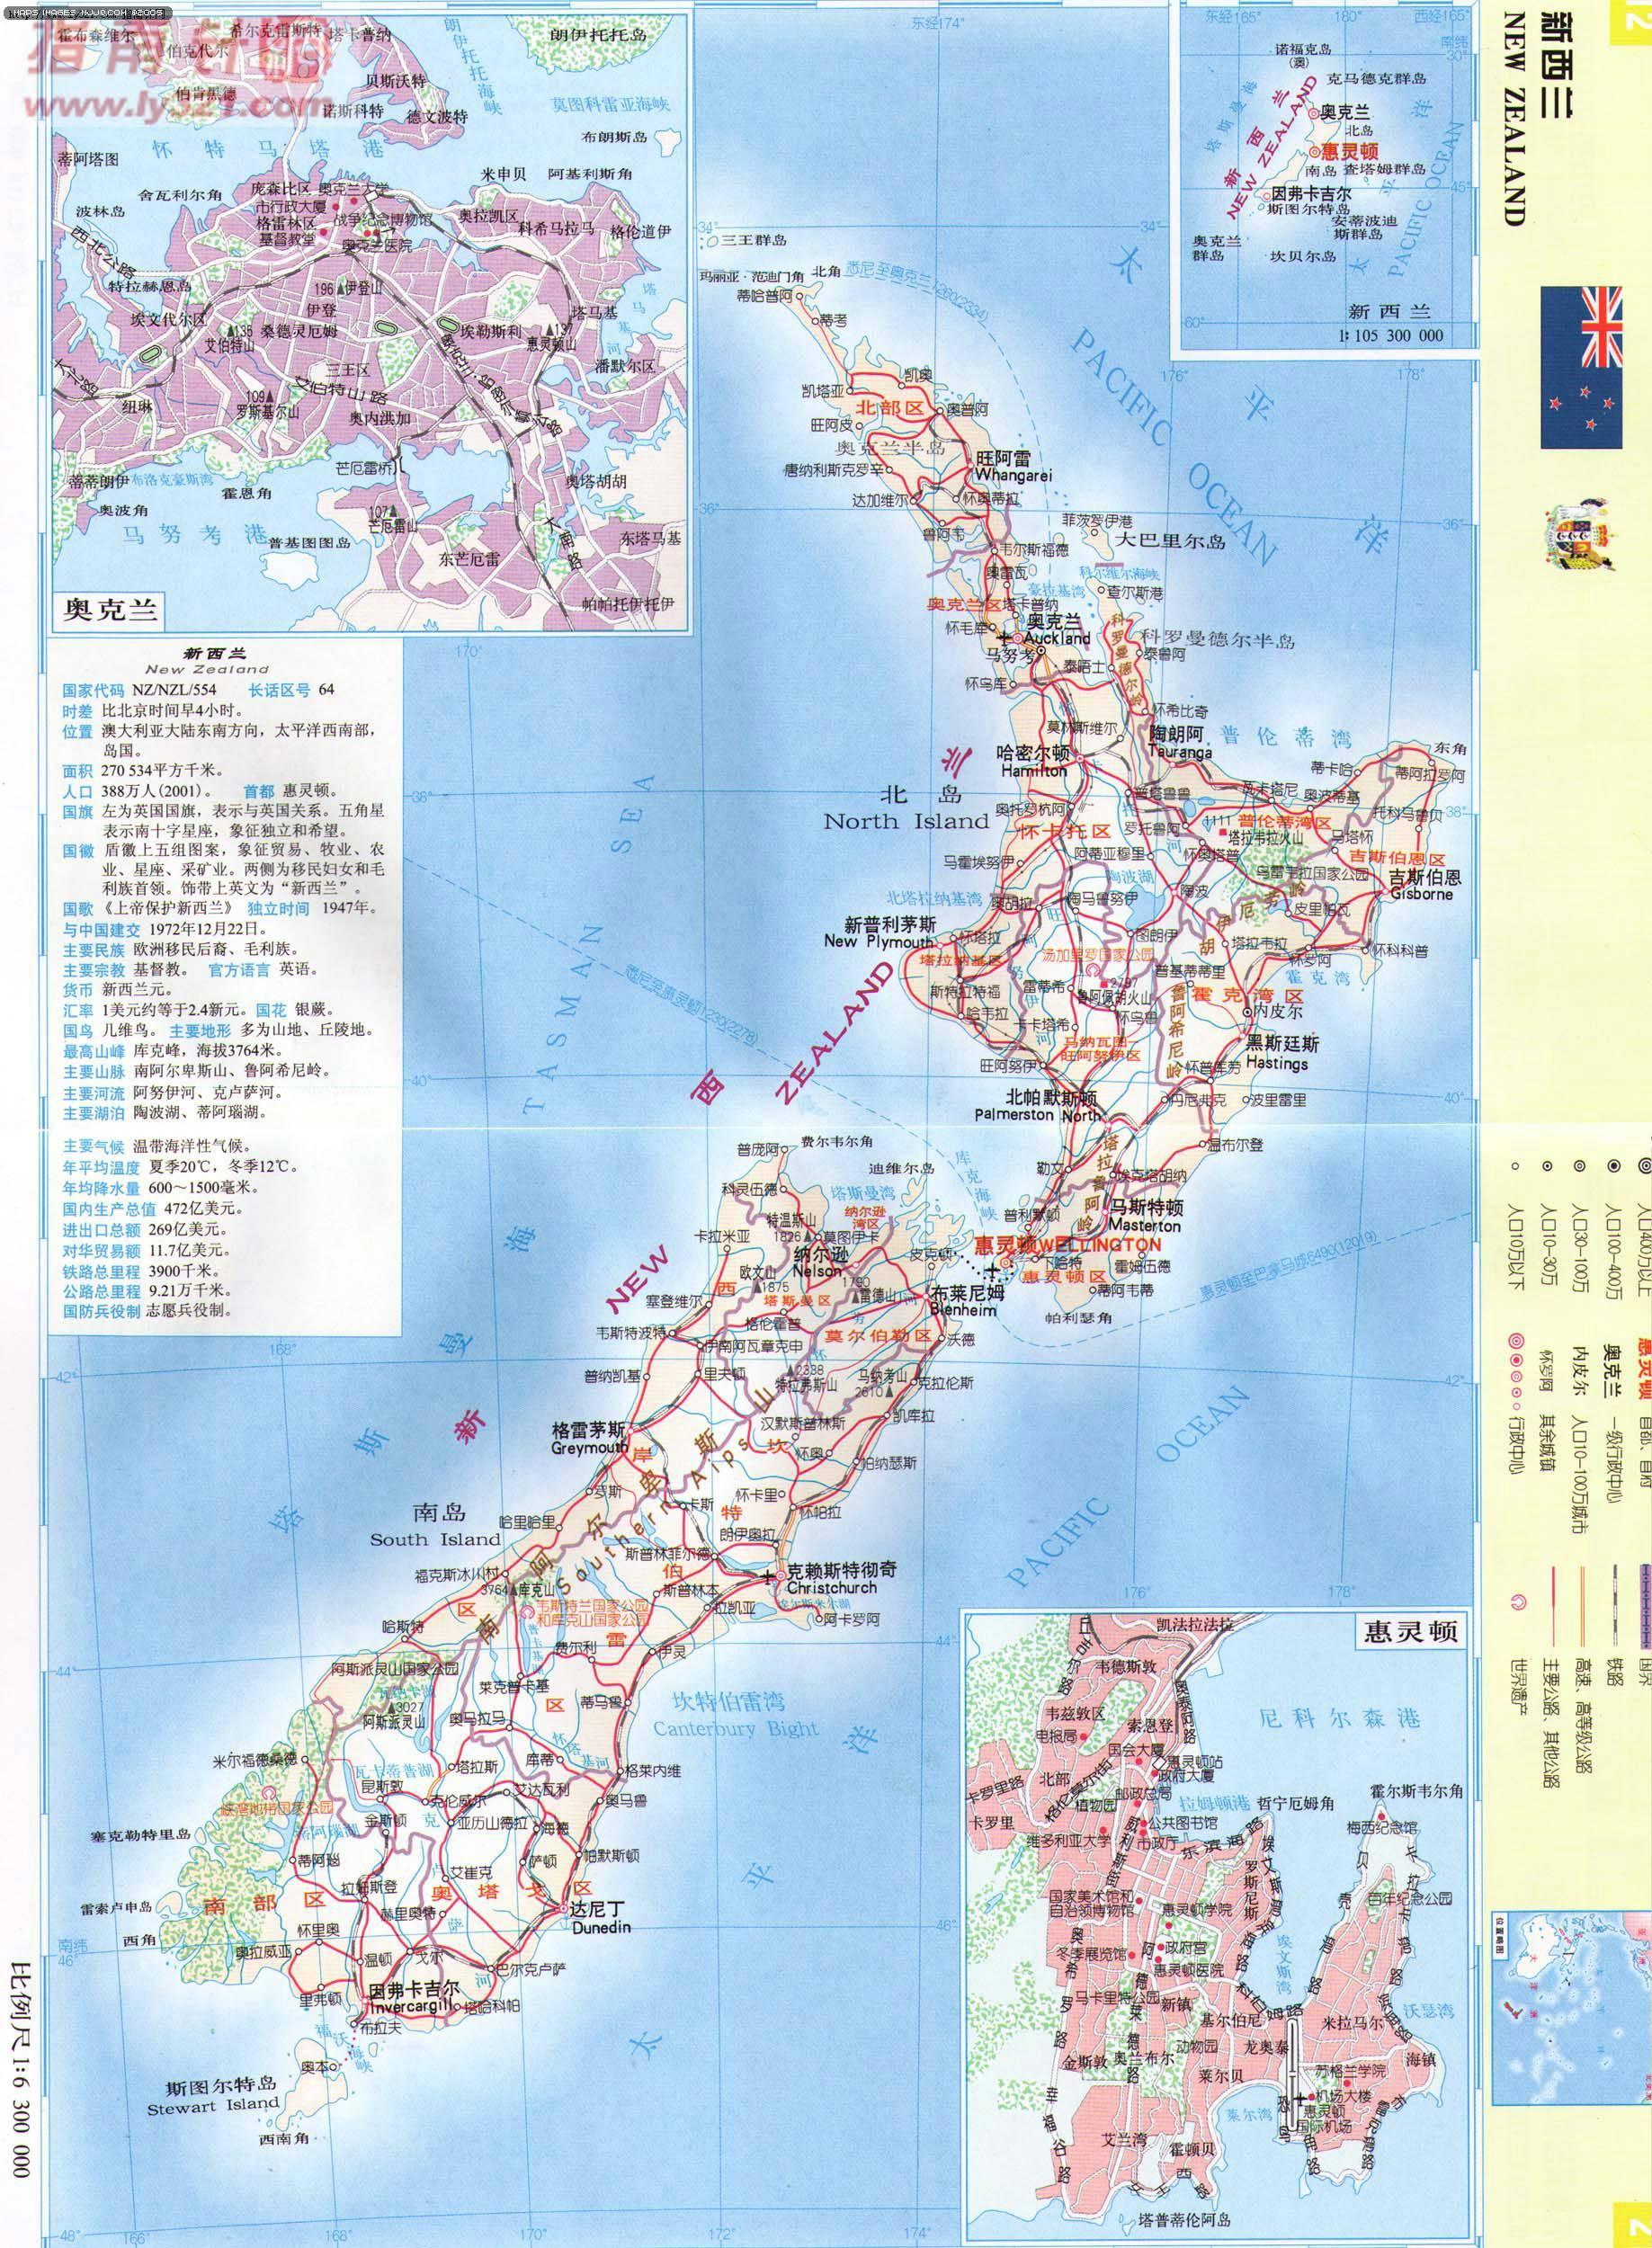 新西兰地图 - 大洋洲地图